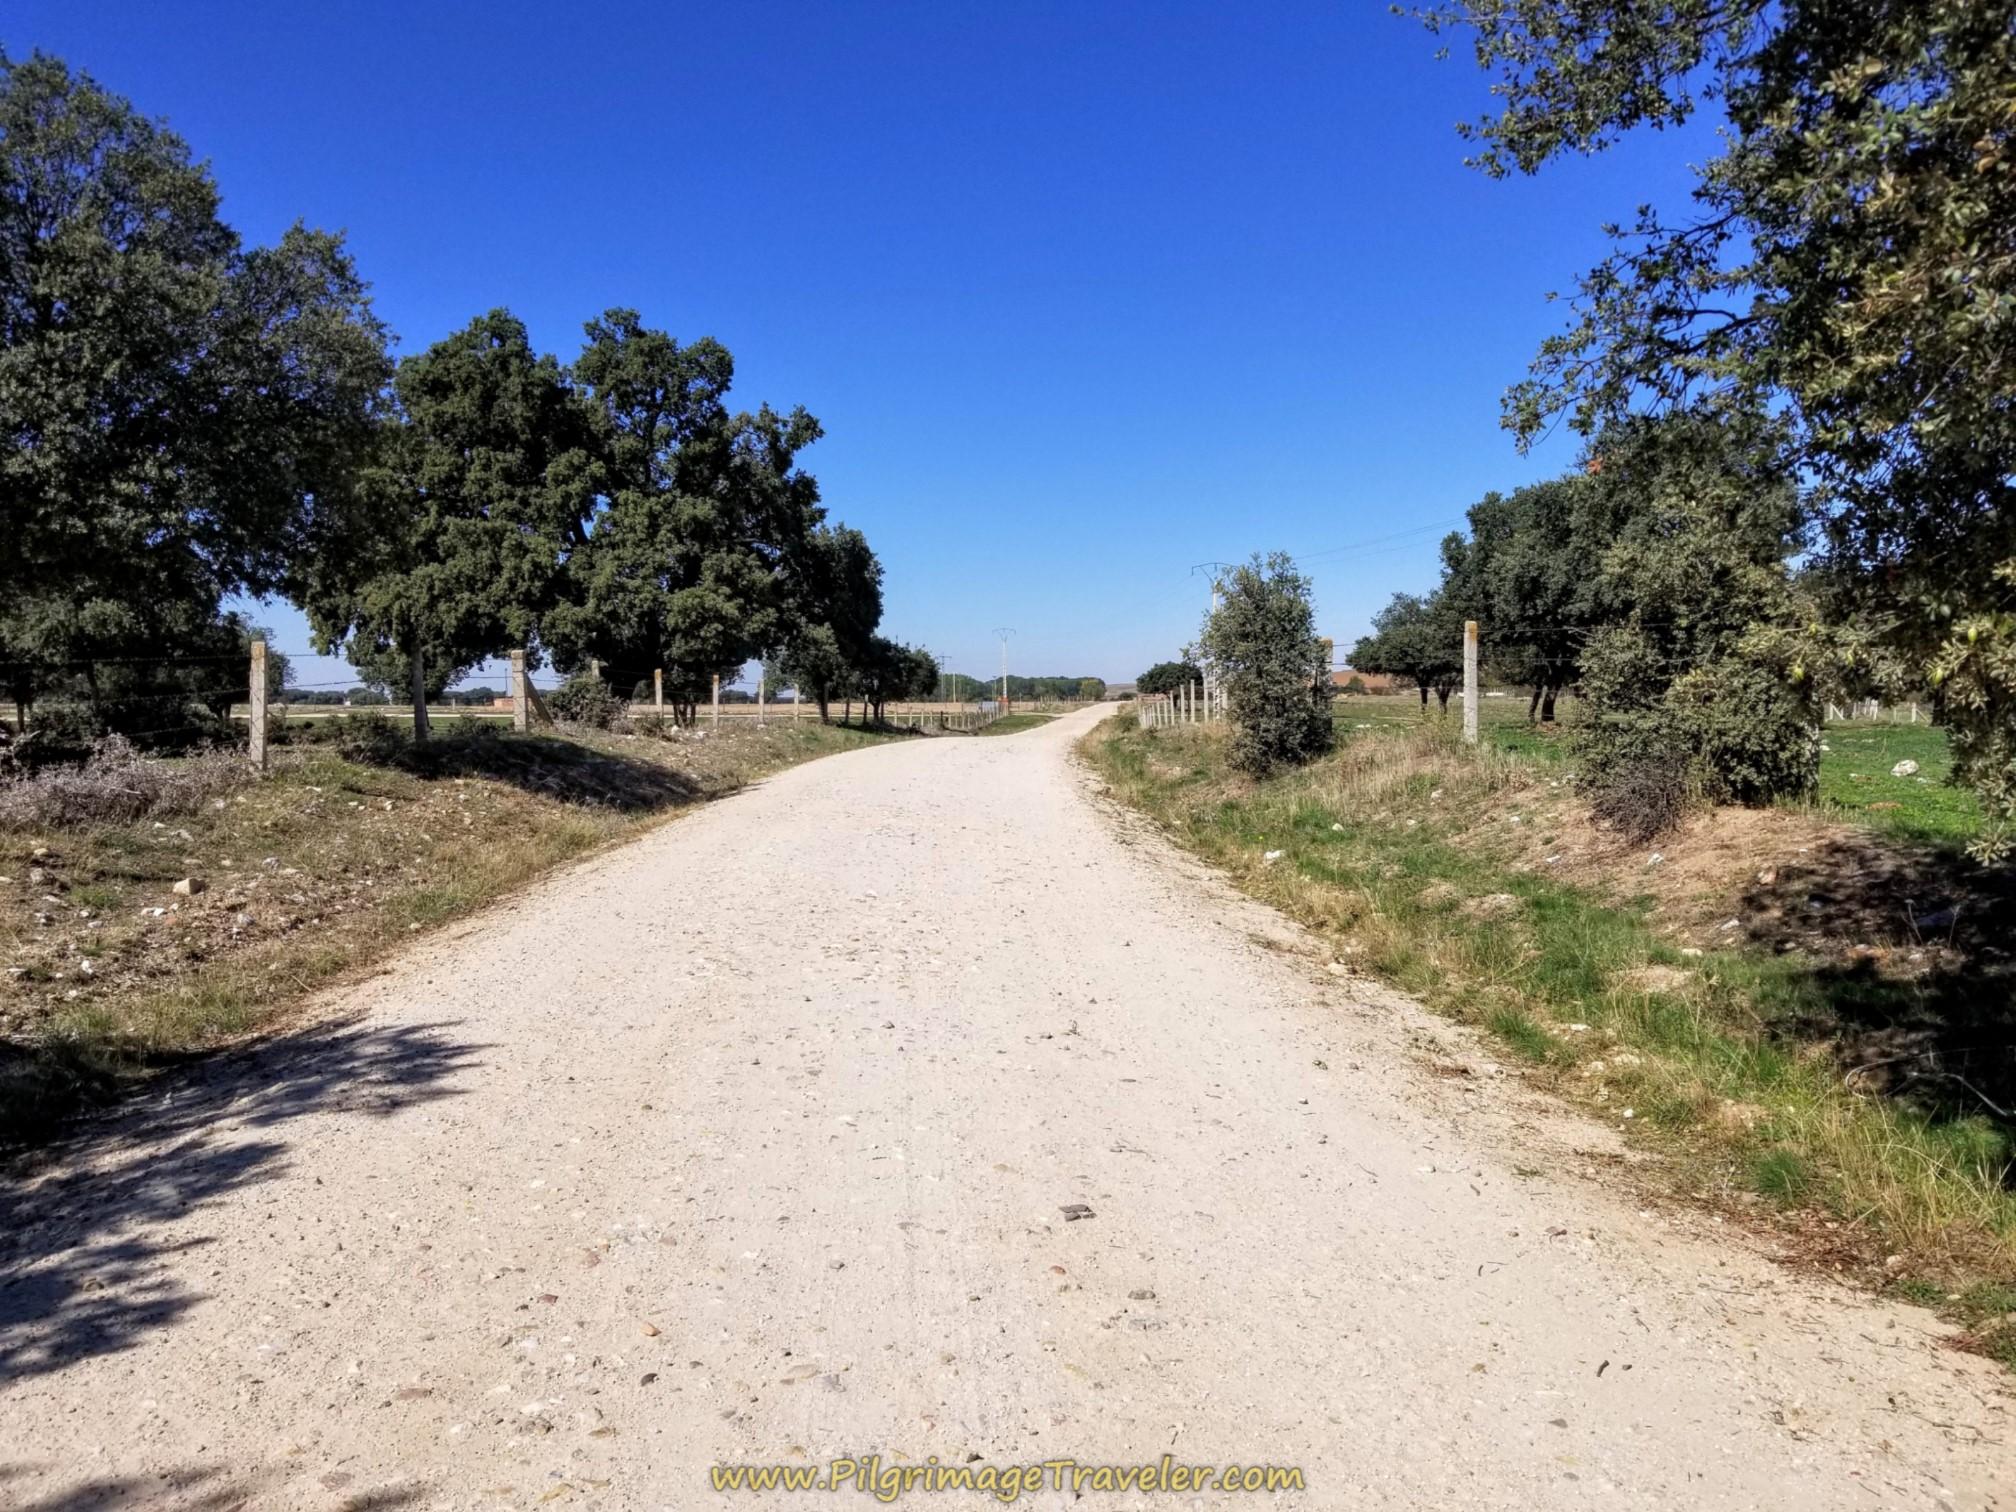 Onward to Mancera de Abajo